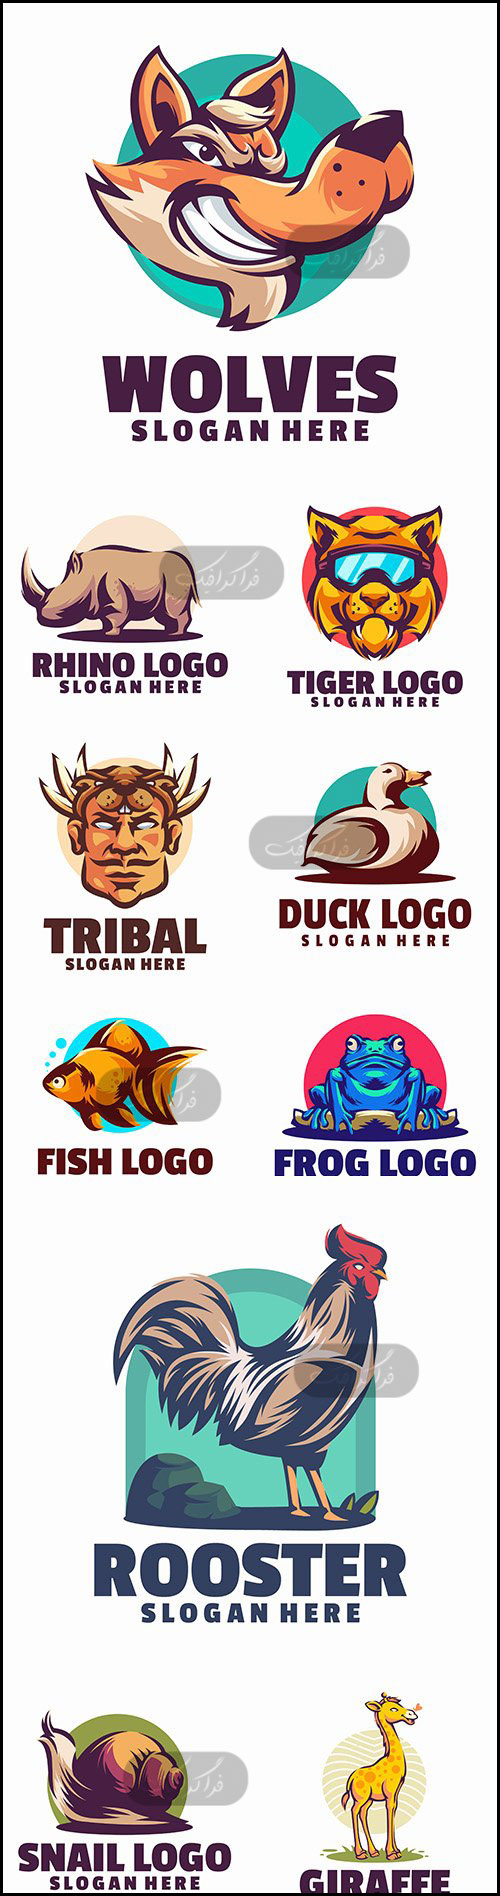 دانلود لوگو های حیوانات - وکتور لایه باز - شماره 7